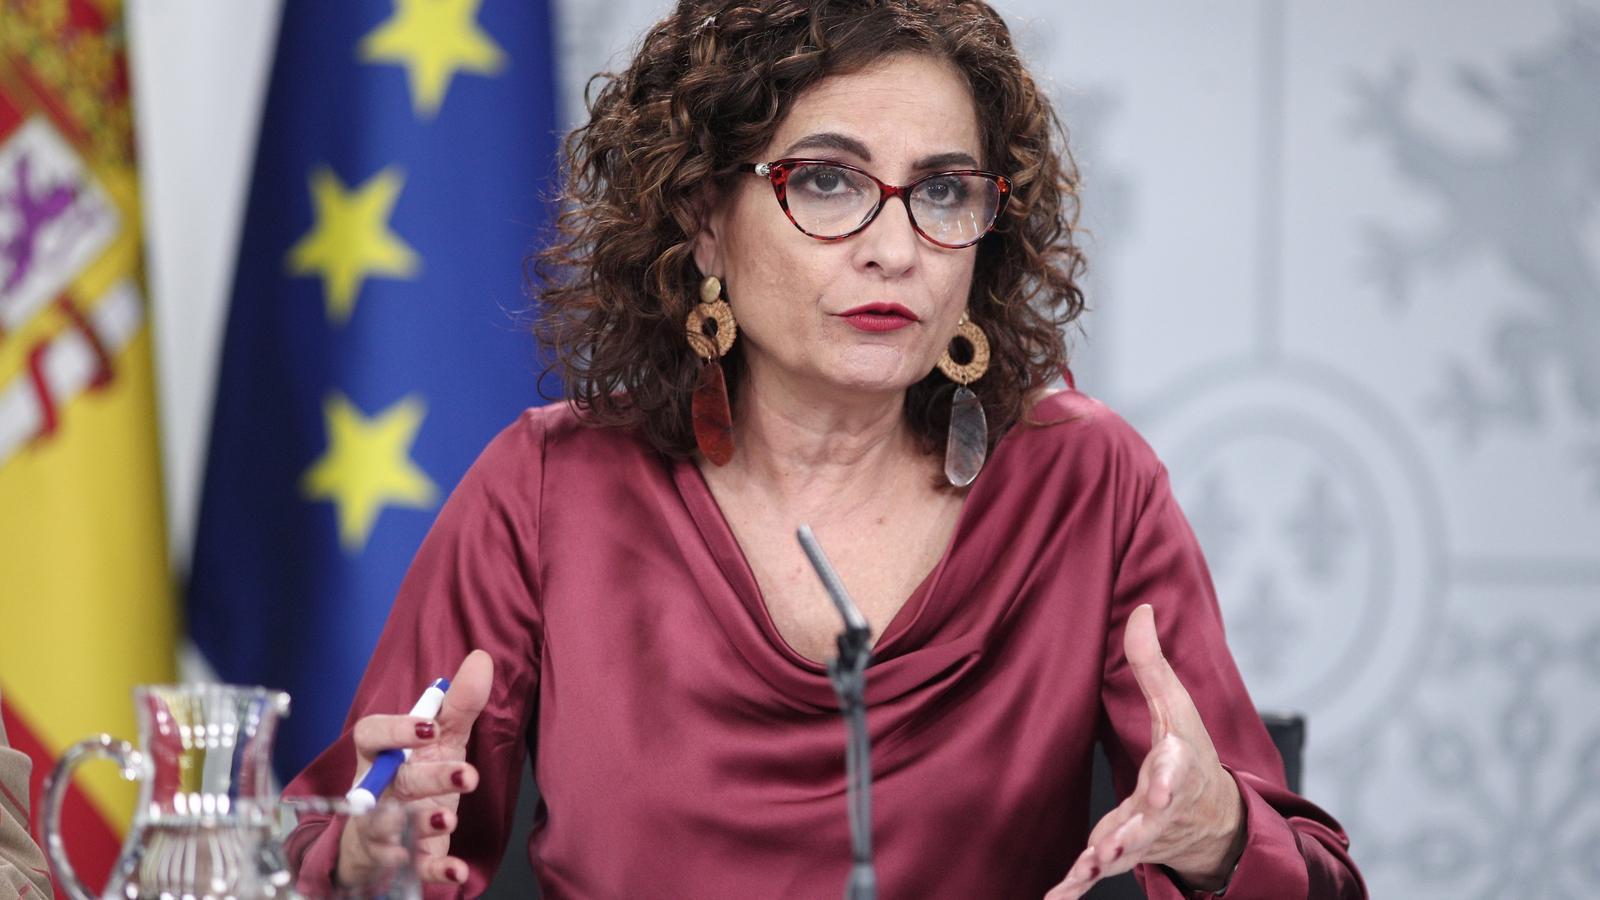 La ministra d'Hisenda i portaveu del govern espanyol, María Jesús Montero, avui durant la roda de premsa posterior al consell de ministres.